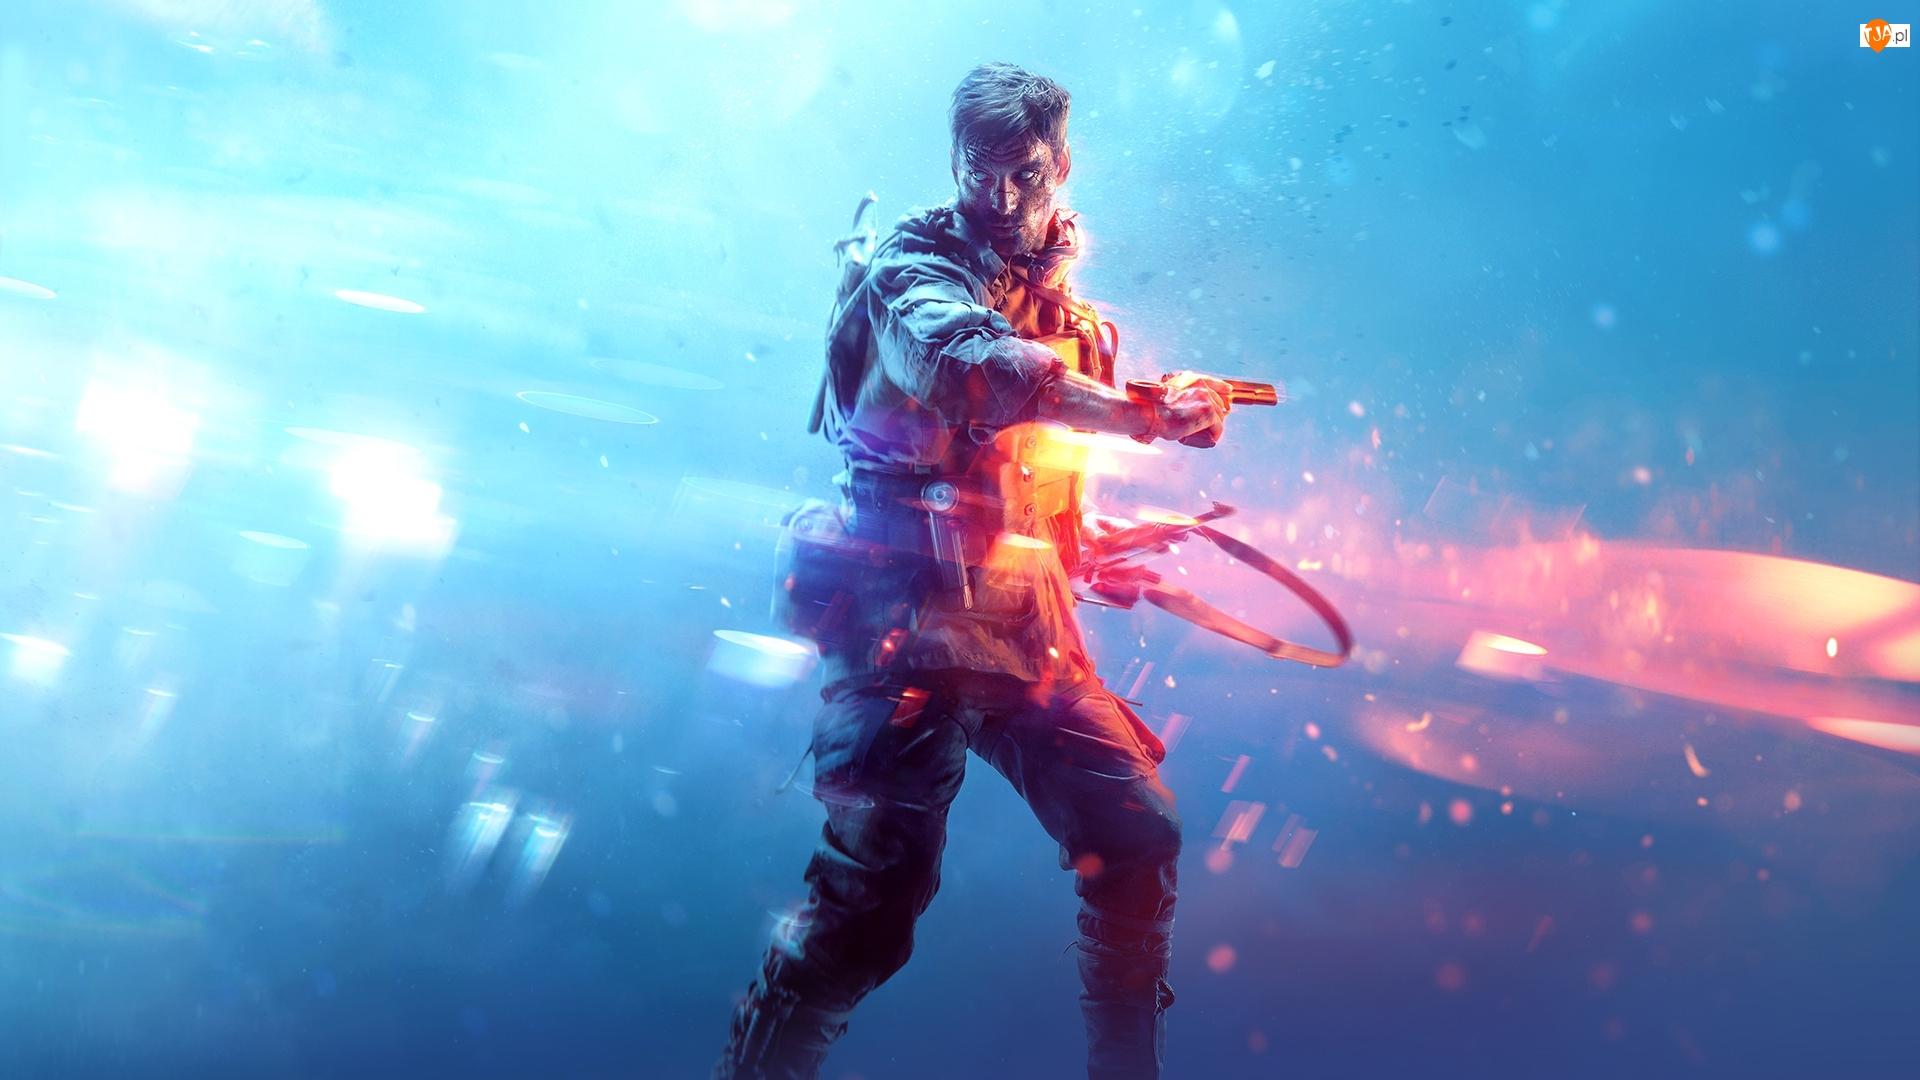 Broń, Battlefield V, Żołnierz